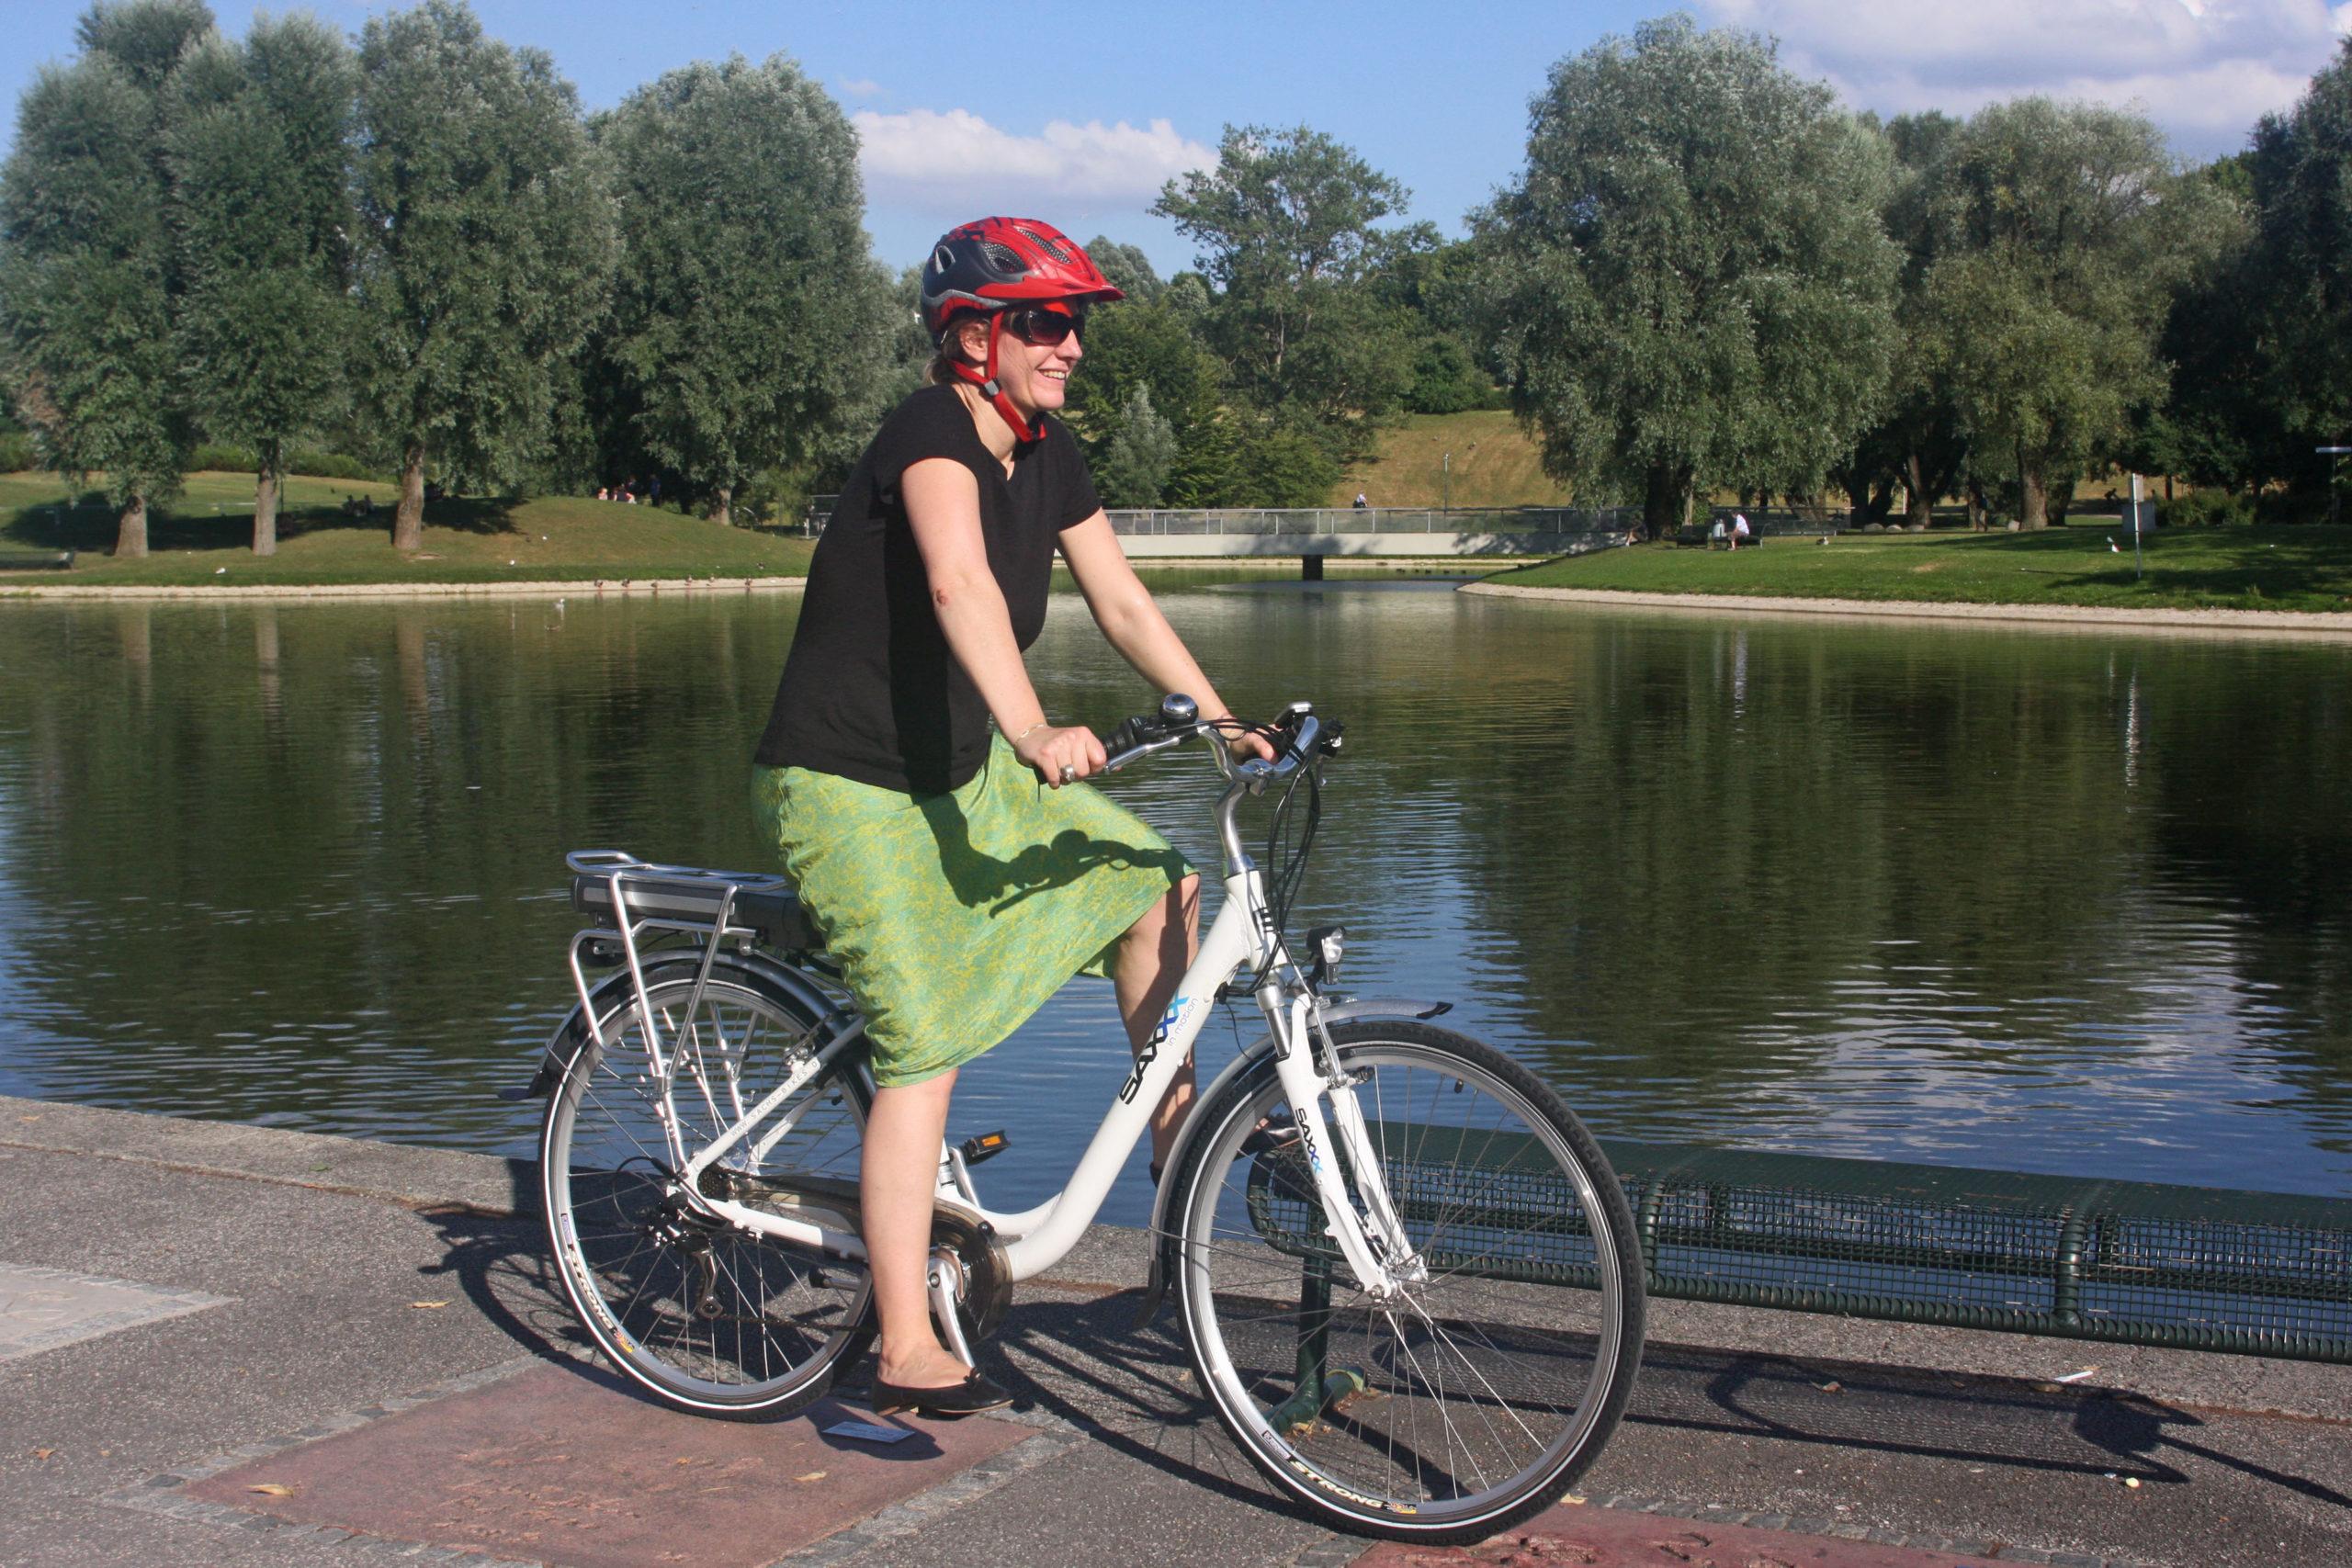 Fahrräder mit eingebautem Rückenwind legen zu